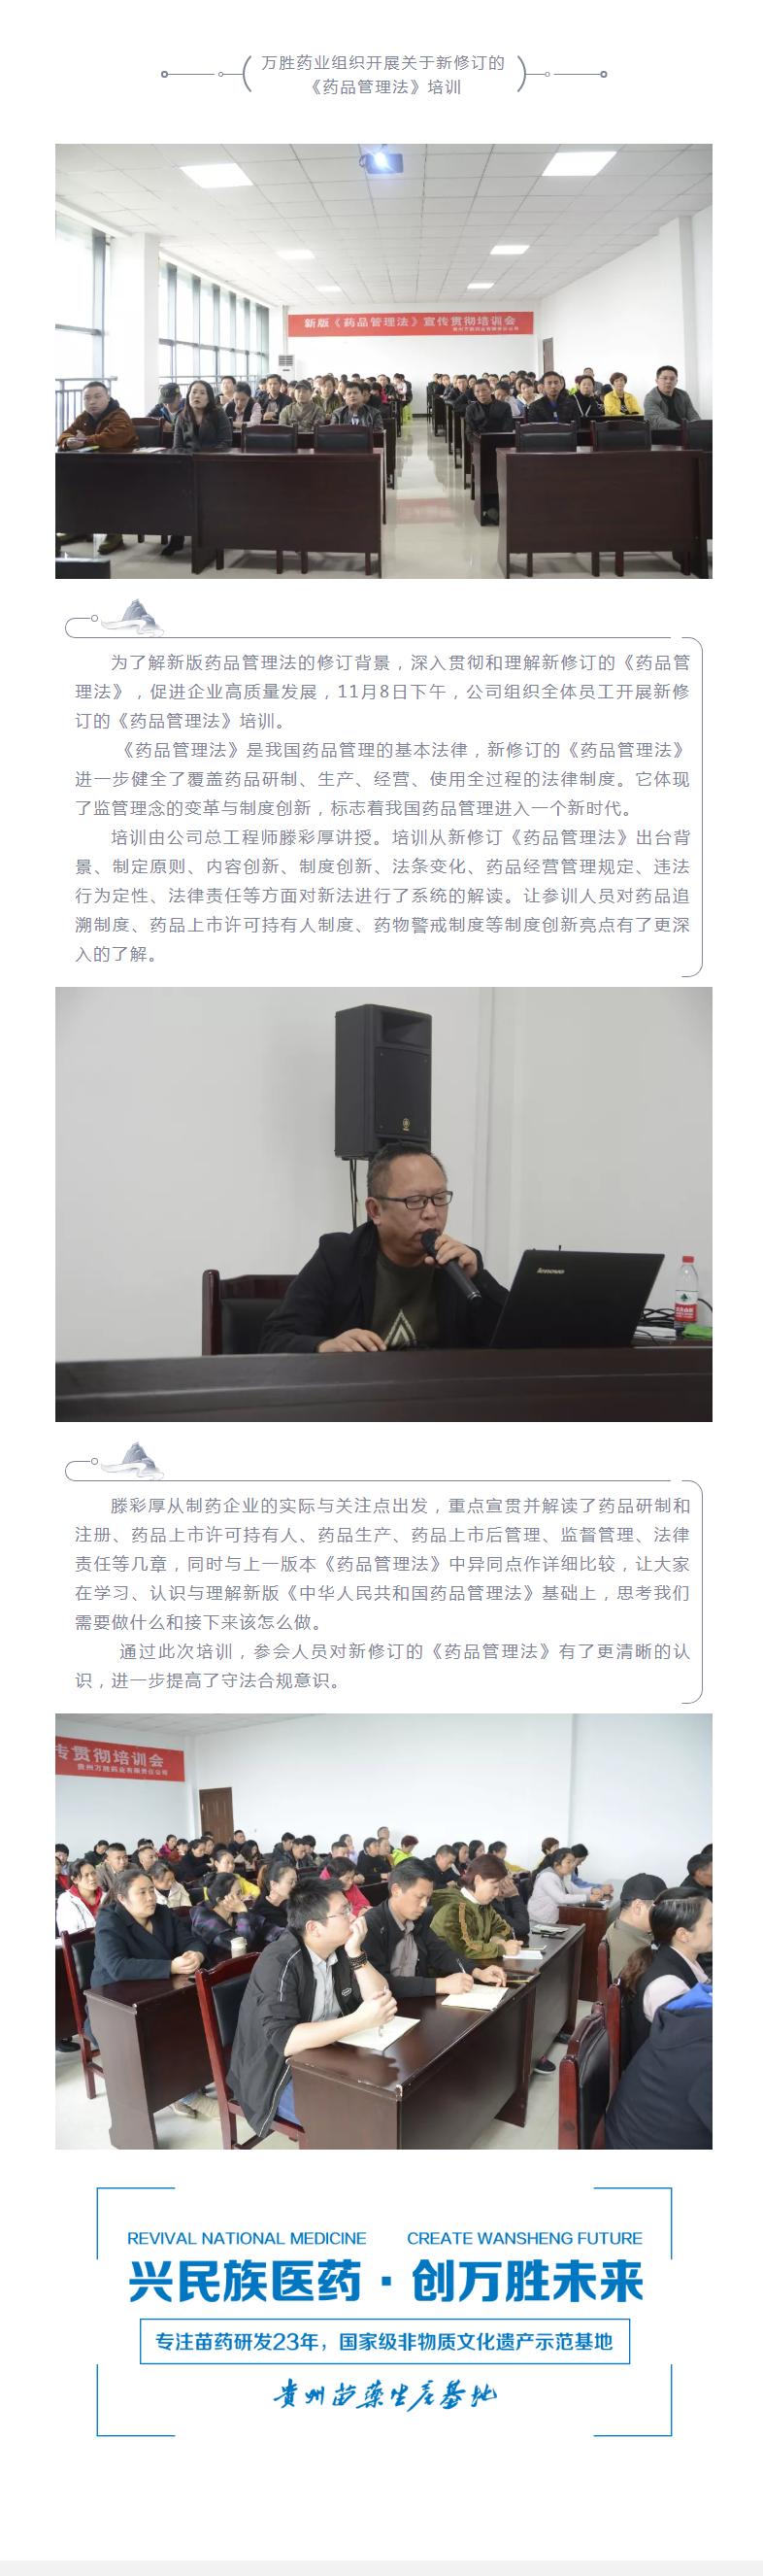 万胜药业组织开展关于新修订的《药品管理法》培训.png